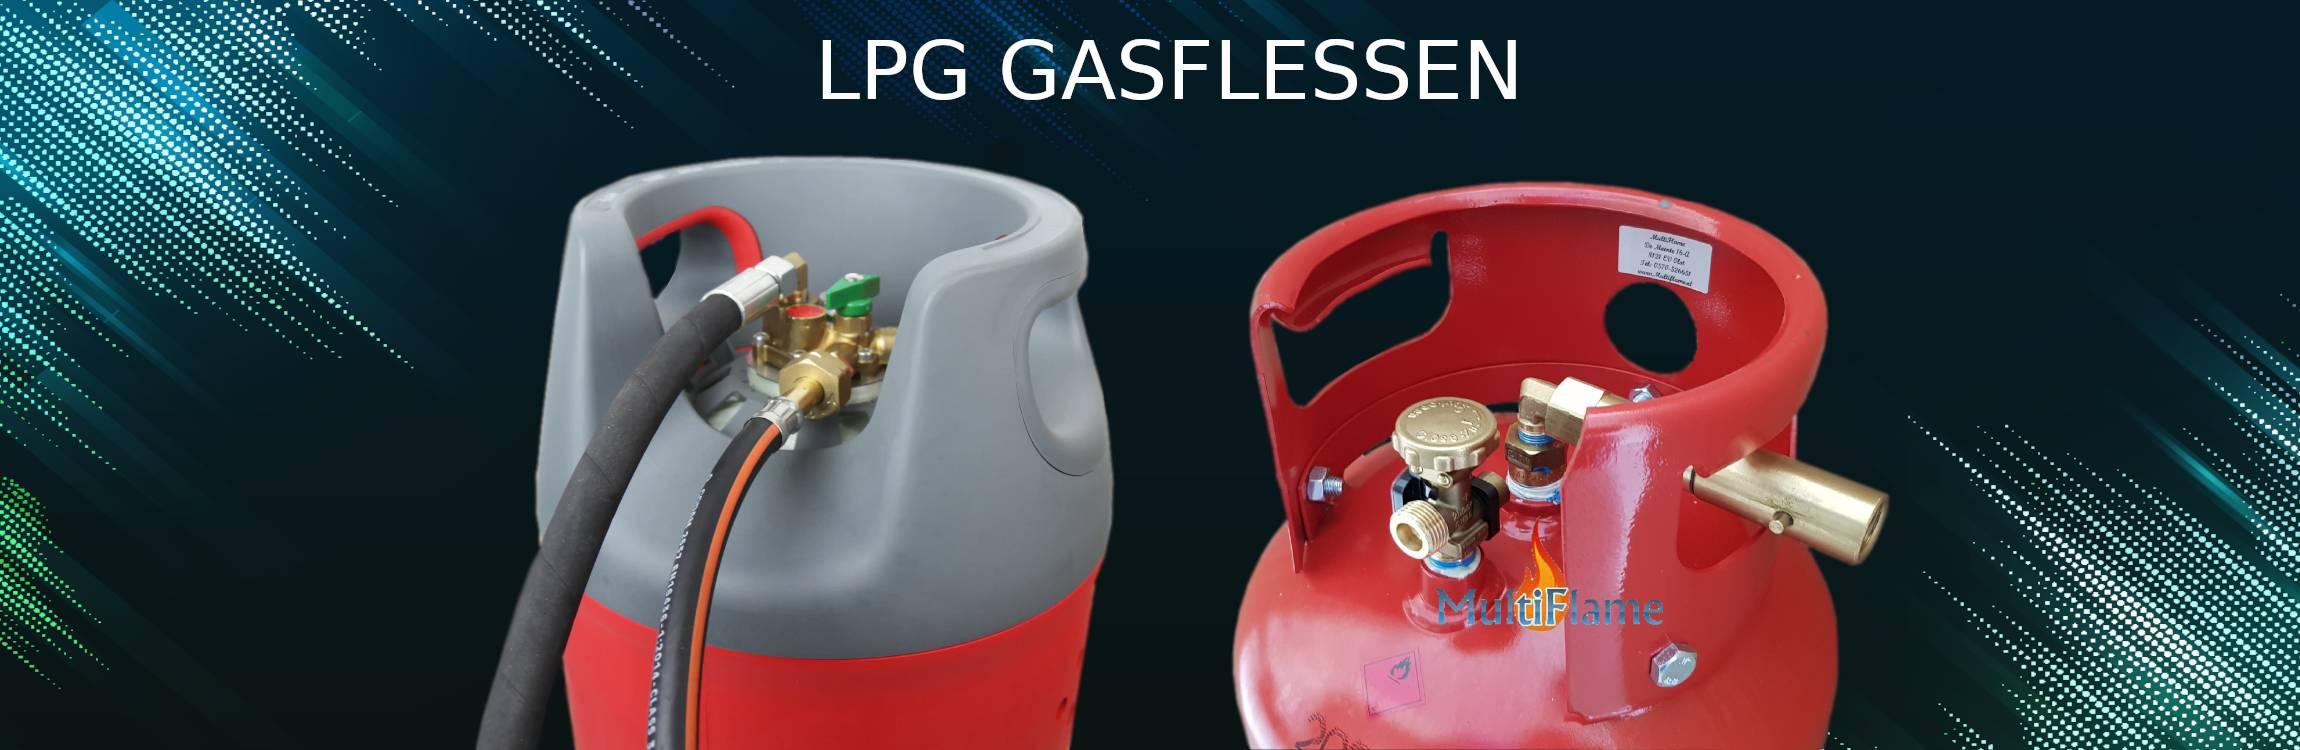 Gasproducten.nl   Flessengas techniek (propaan, butaan en lpg gas)